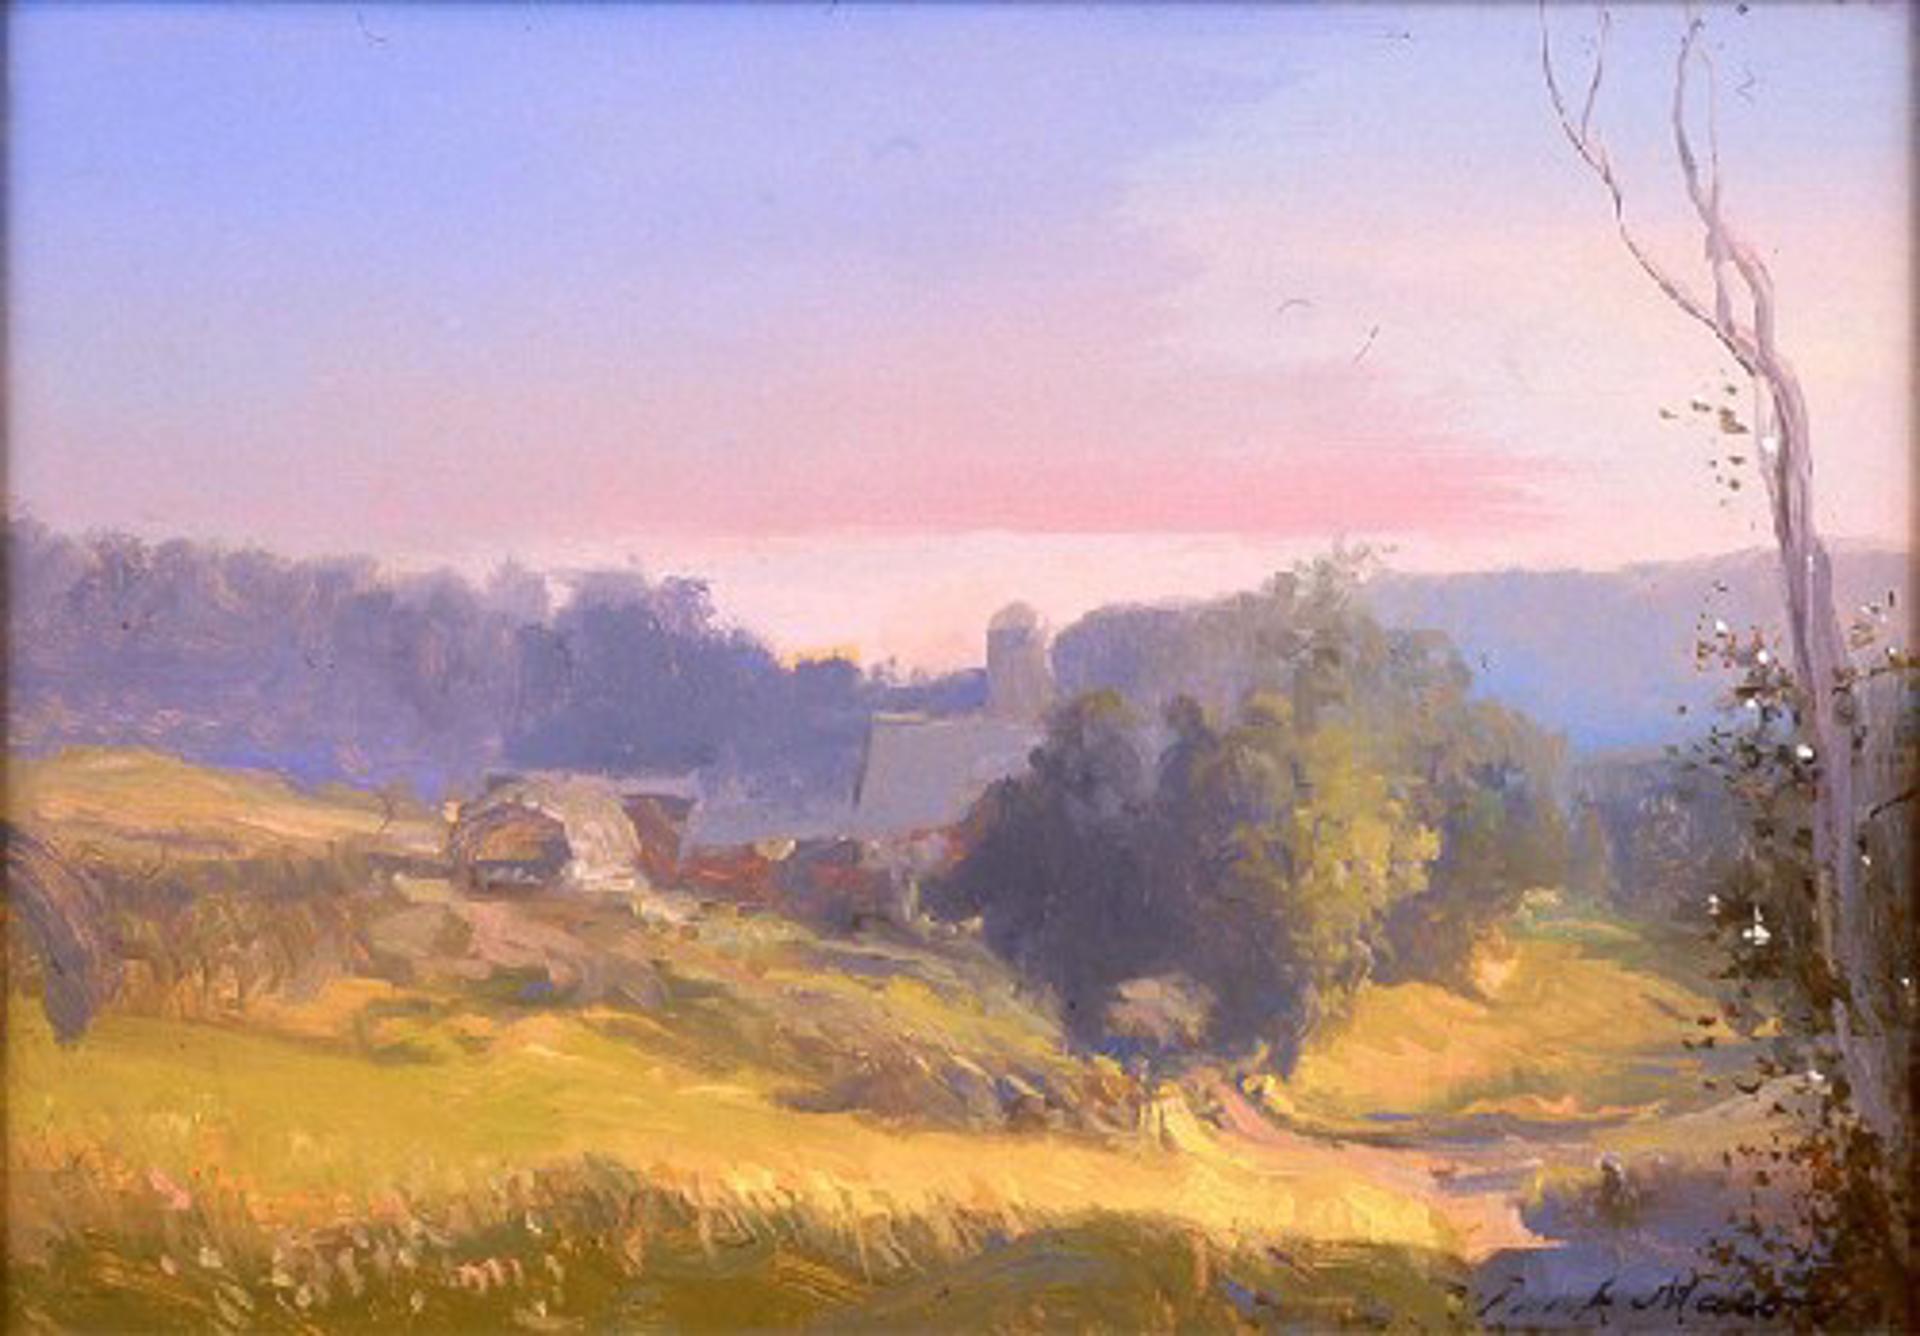 Goodrich Farm by Frank Mason (1921 - 2009)